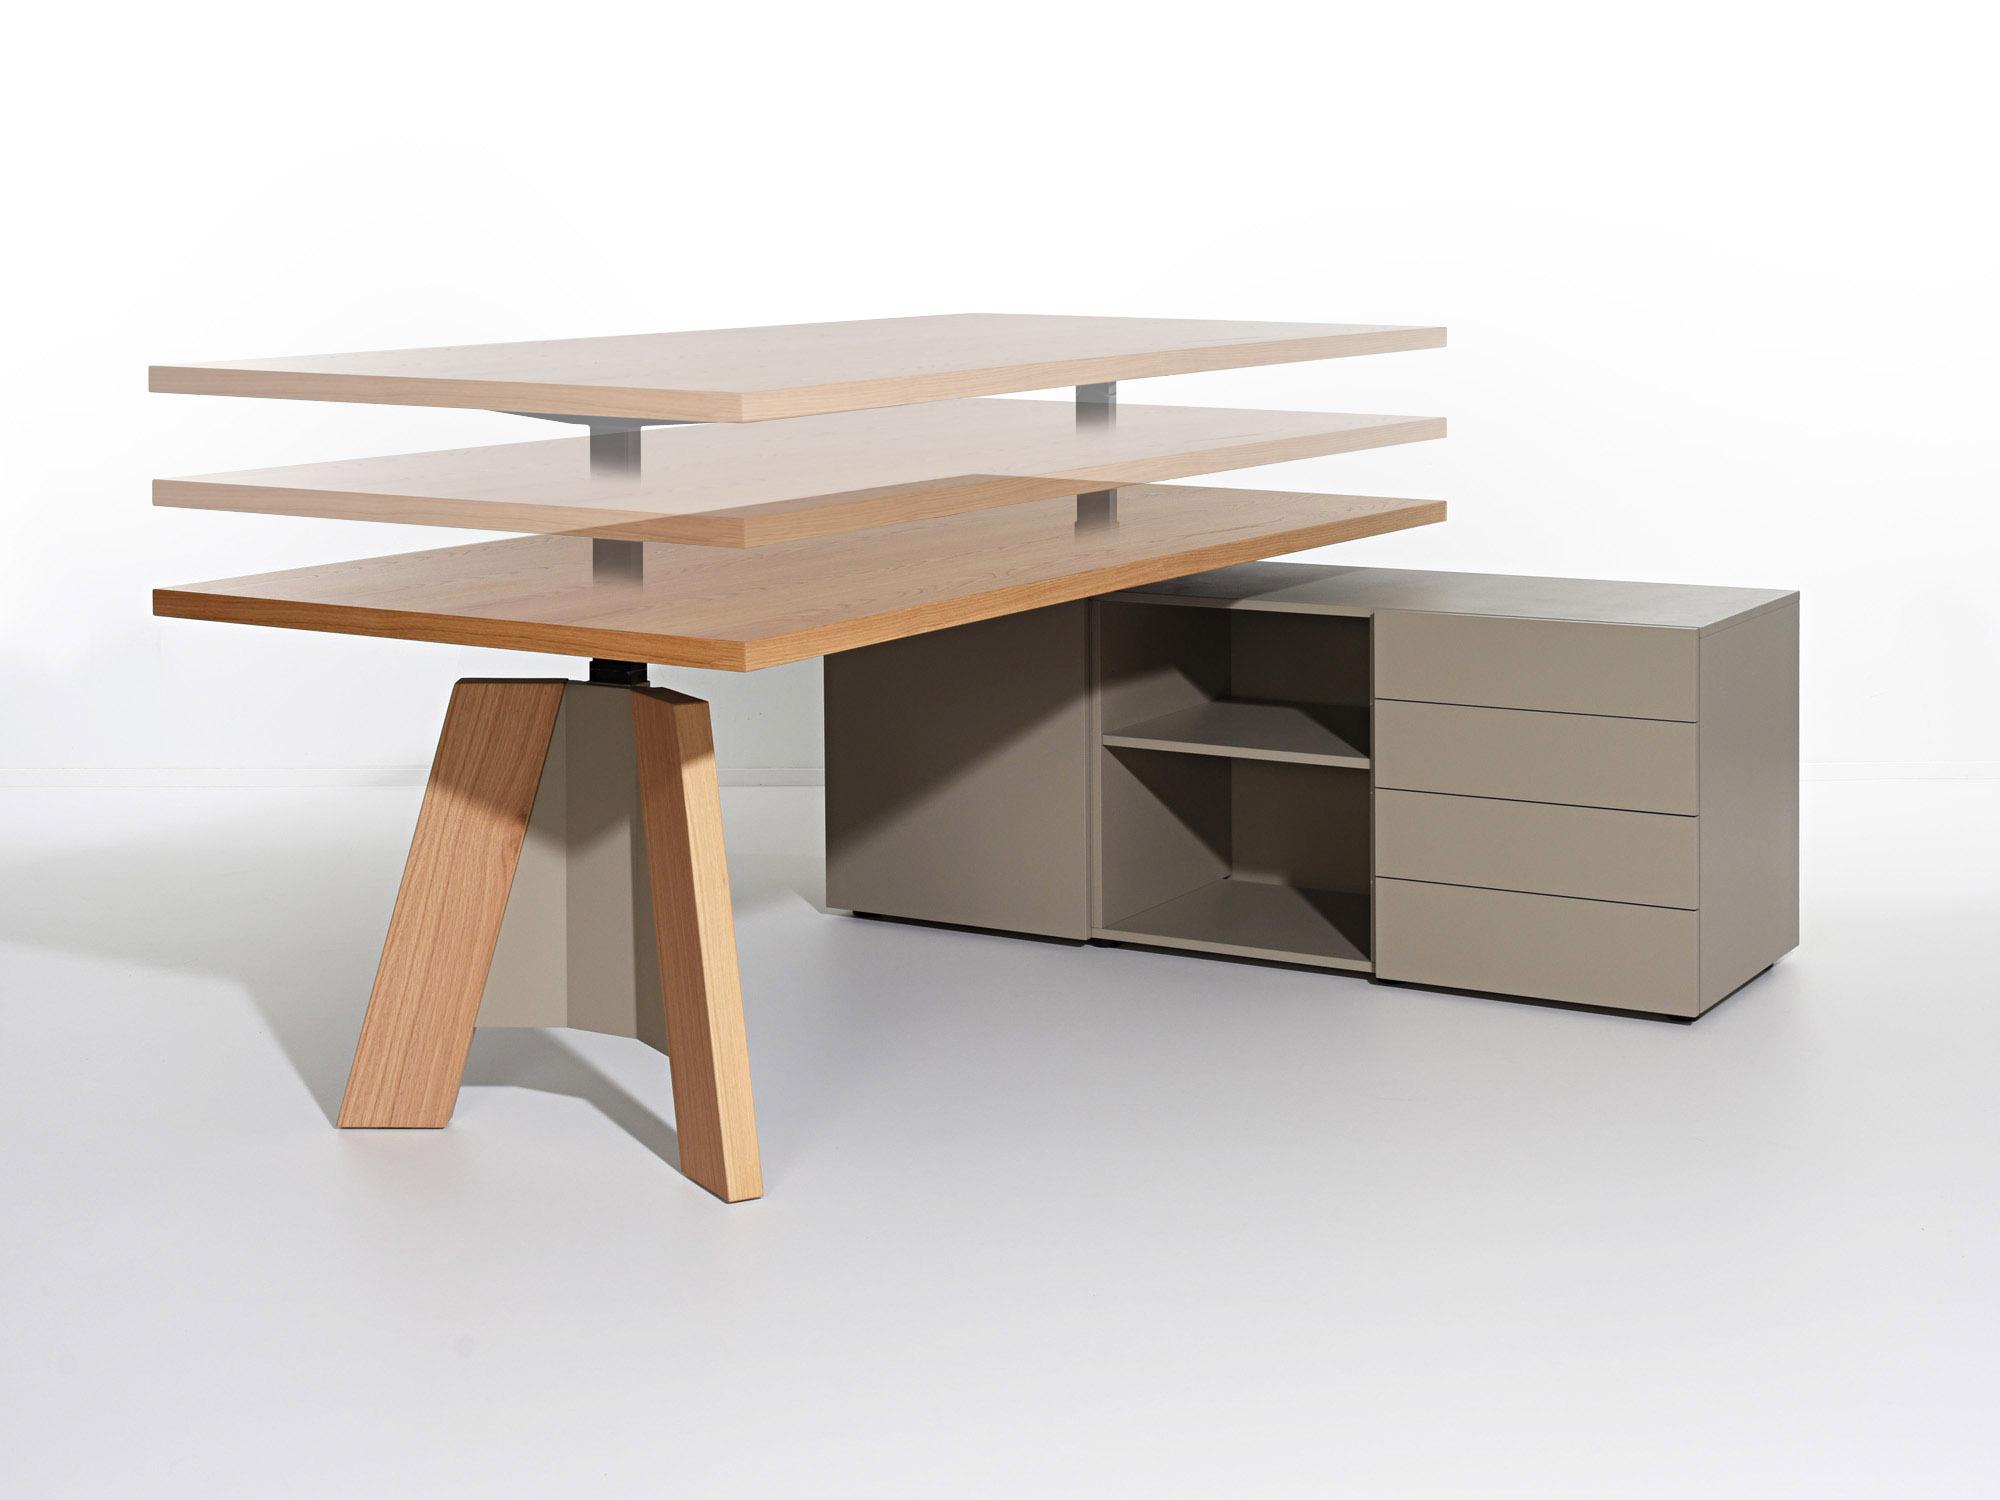 TSP-zitsta met sideboard - Design by Castelijn Team